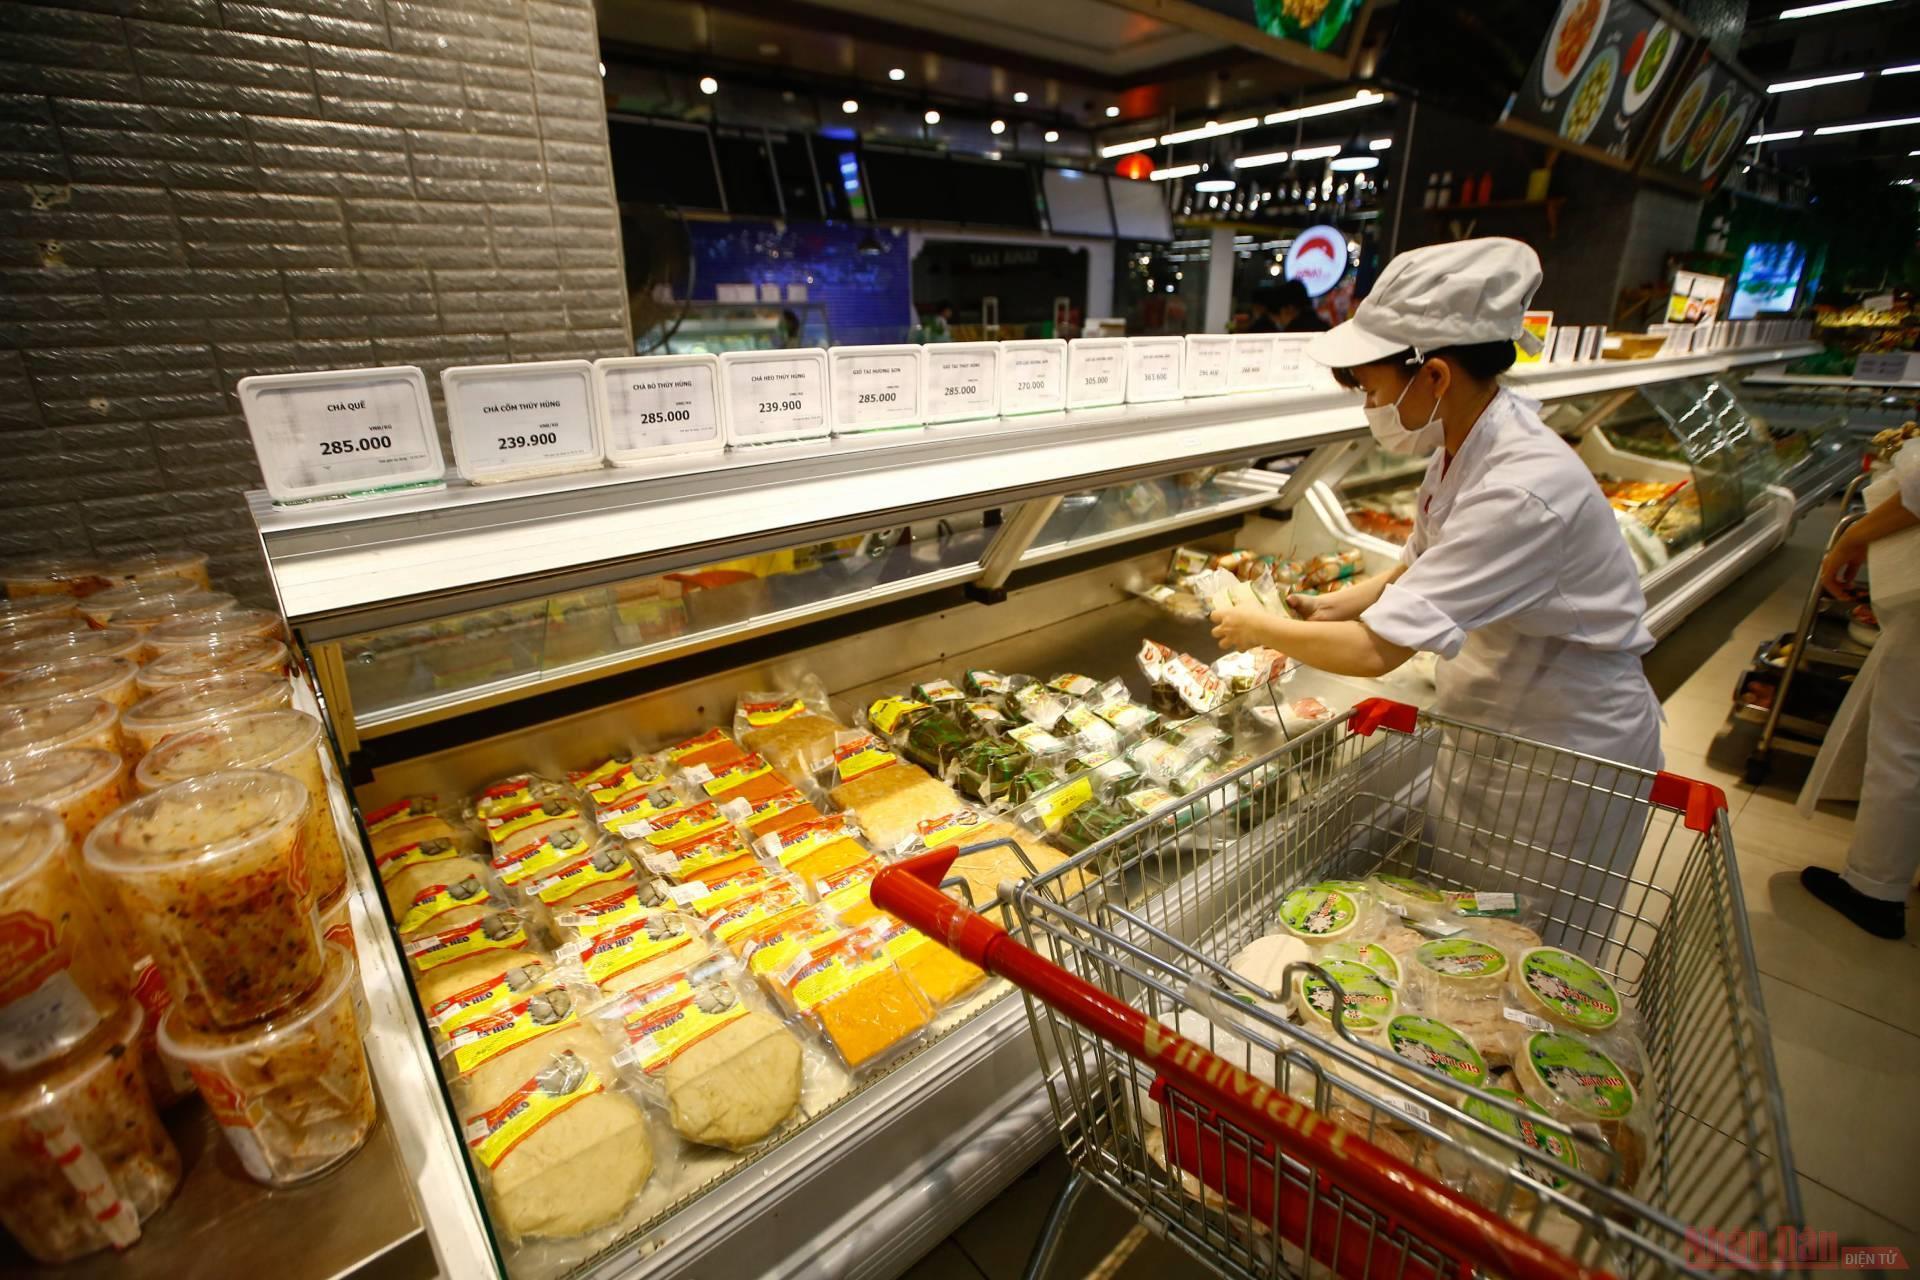 Hà Nội: Hàng hóa siêu thị dồi dào, chợ dân sinh không thiếu hàng tươi sống -0